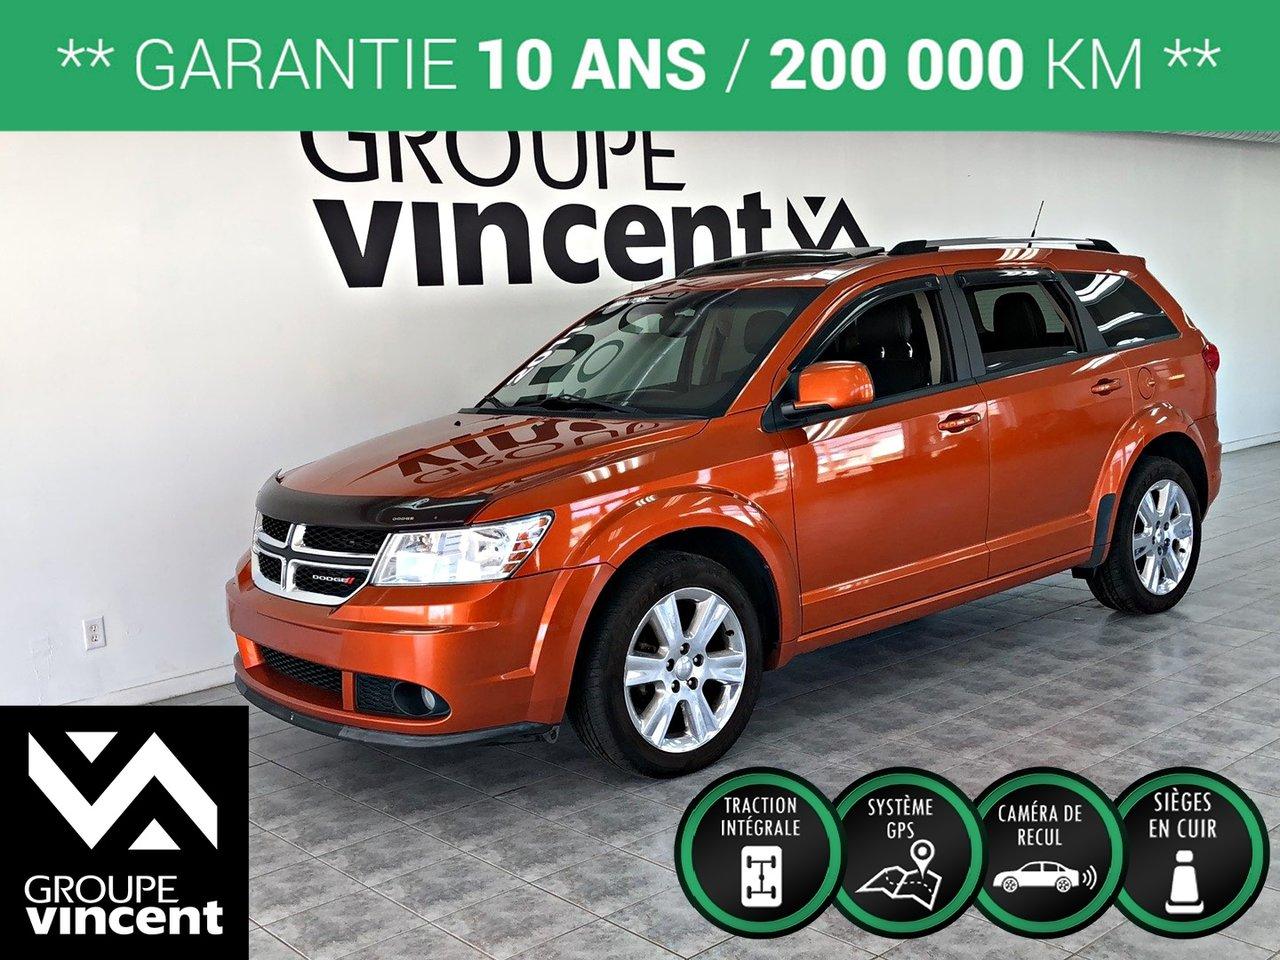 2011 Dodge Journey R/T V6 AWD ** GARANTIE 10 ANS **